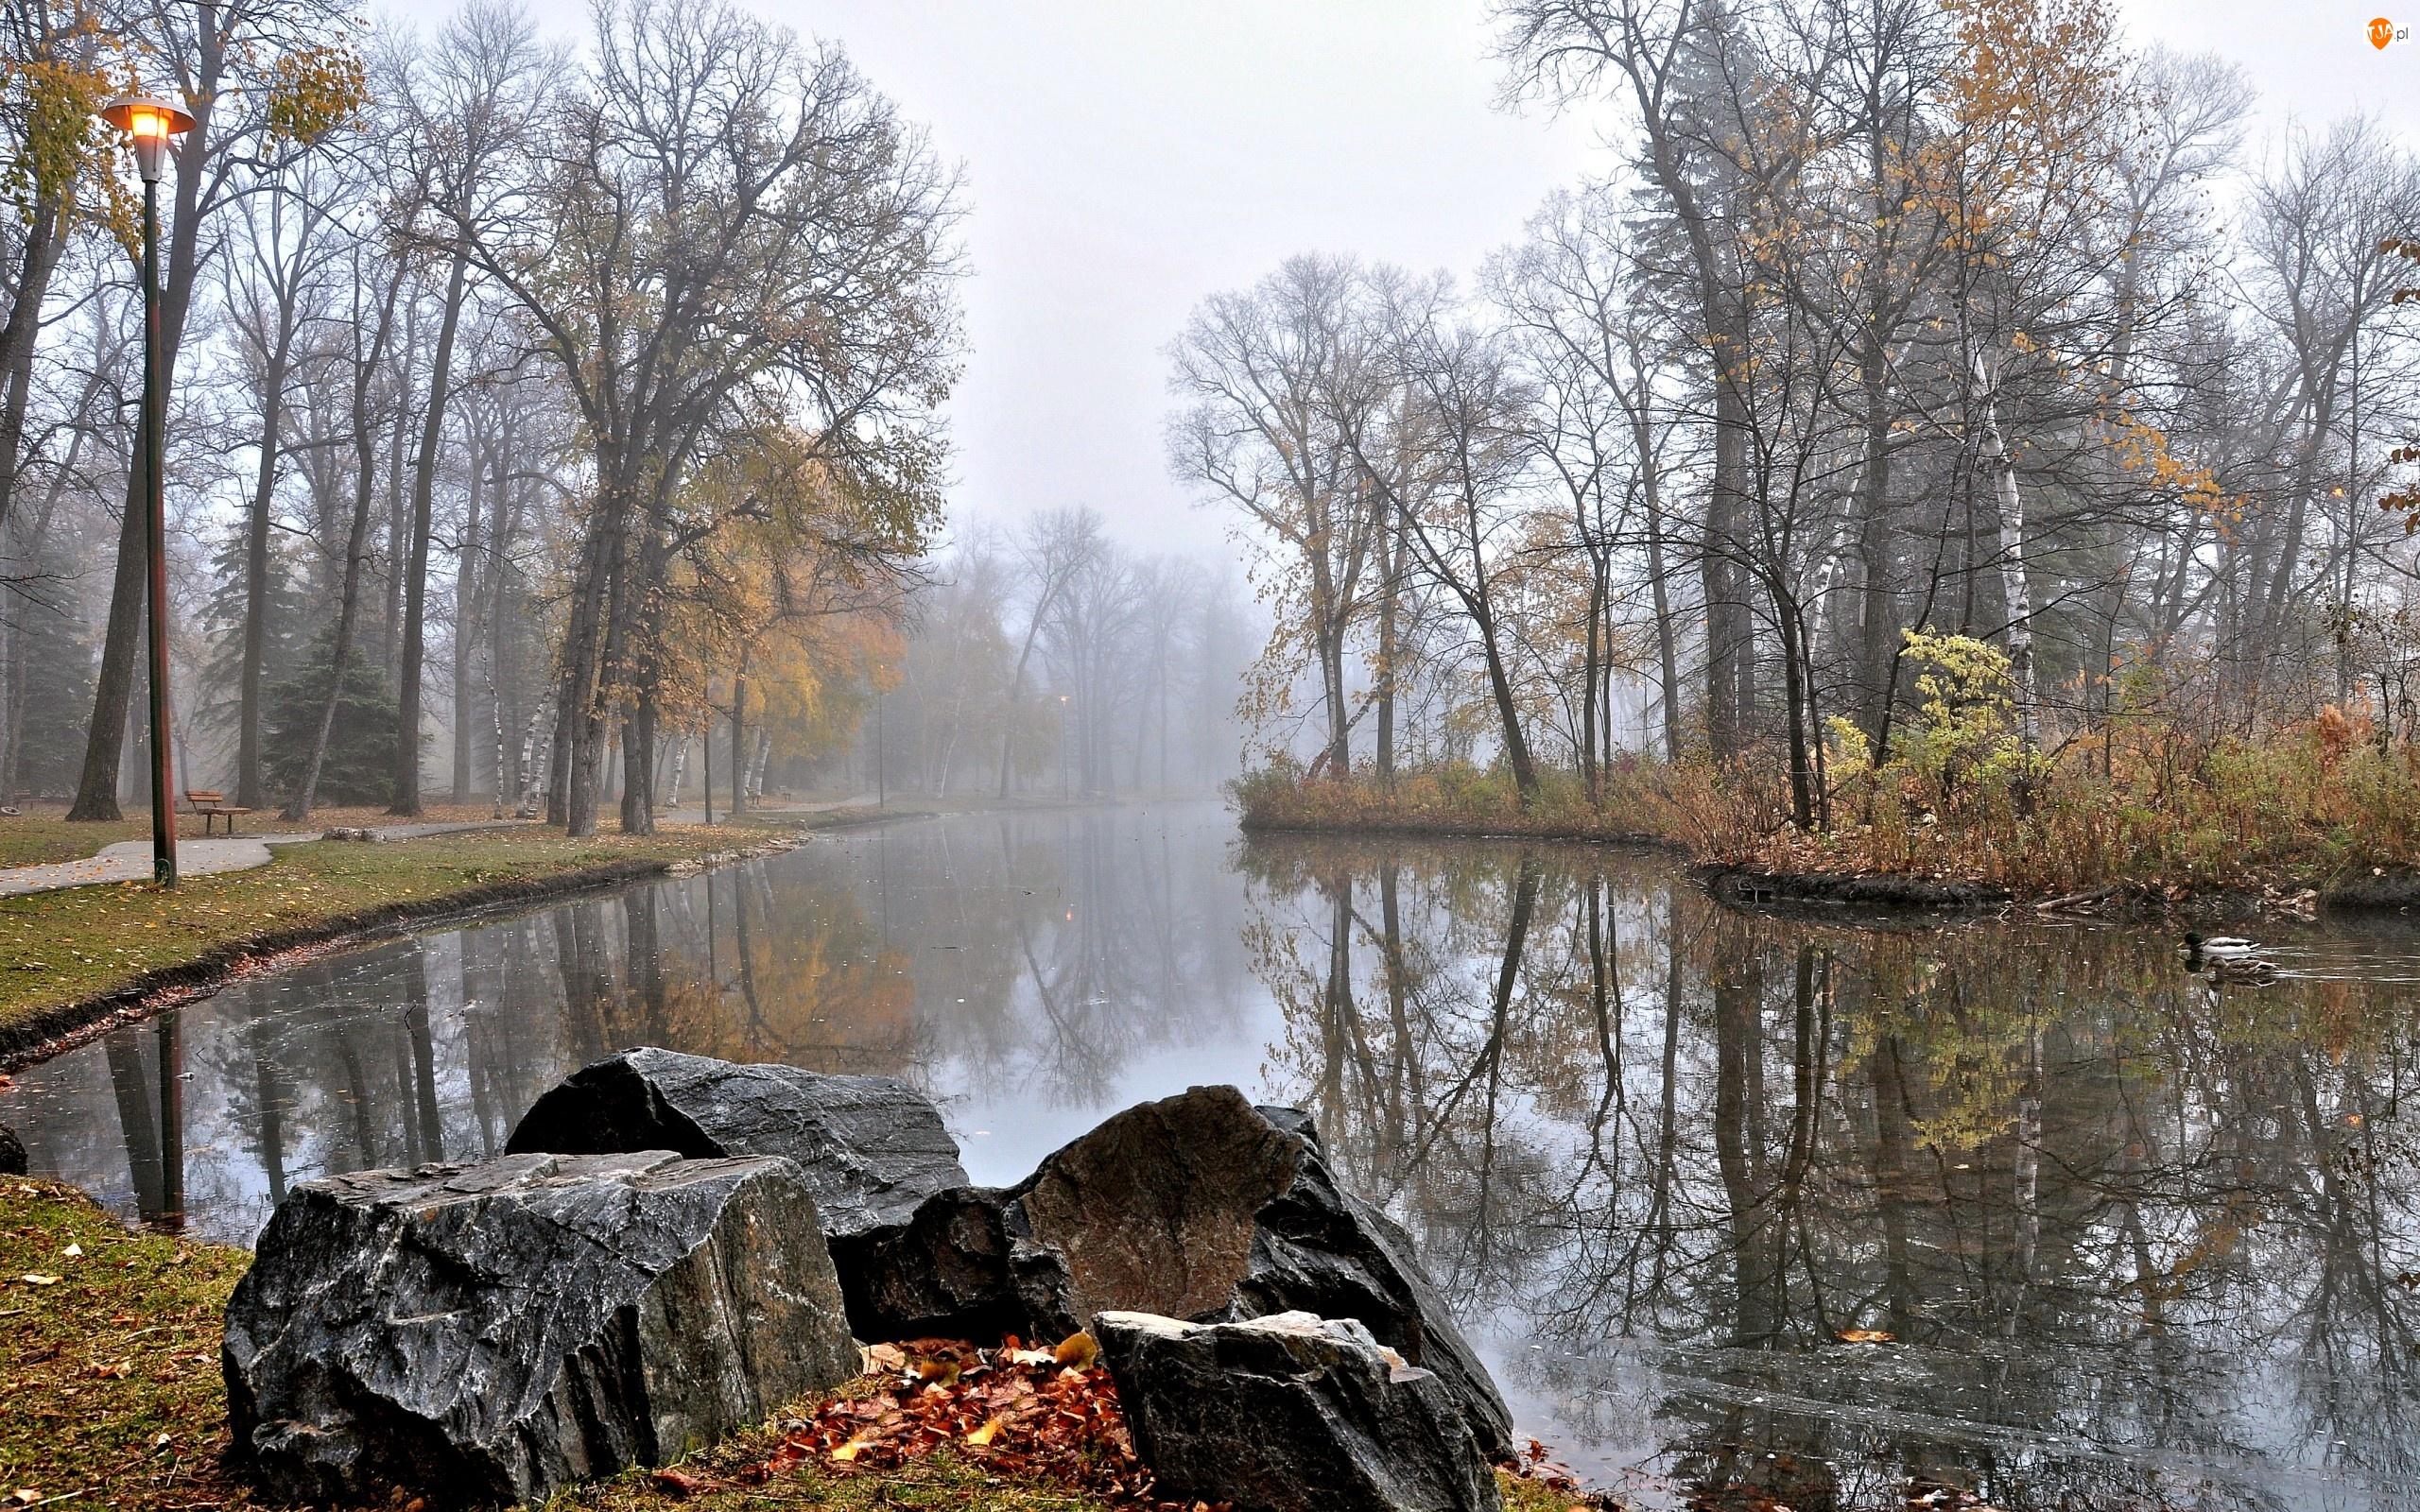 Kamienie, Mgła, Rzeka, Jesień, Kaczki, Park